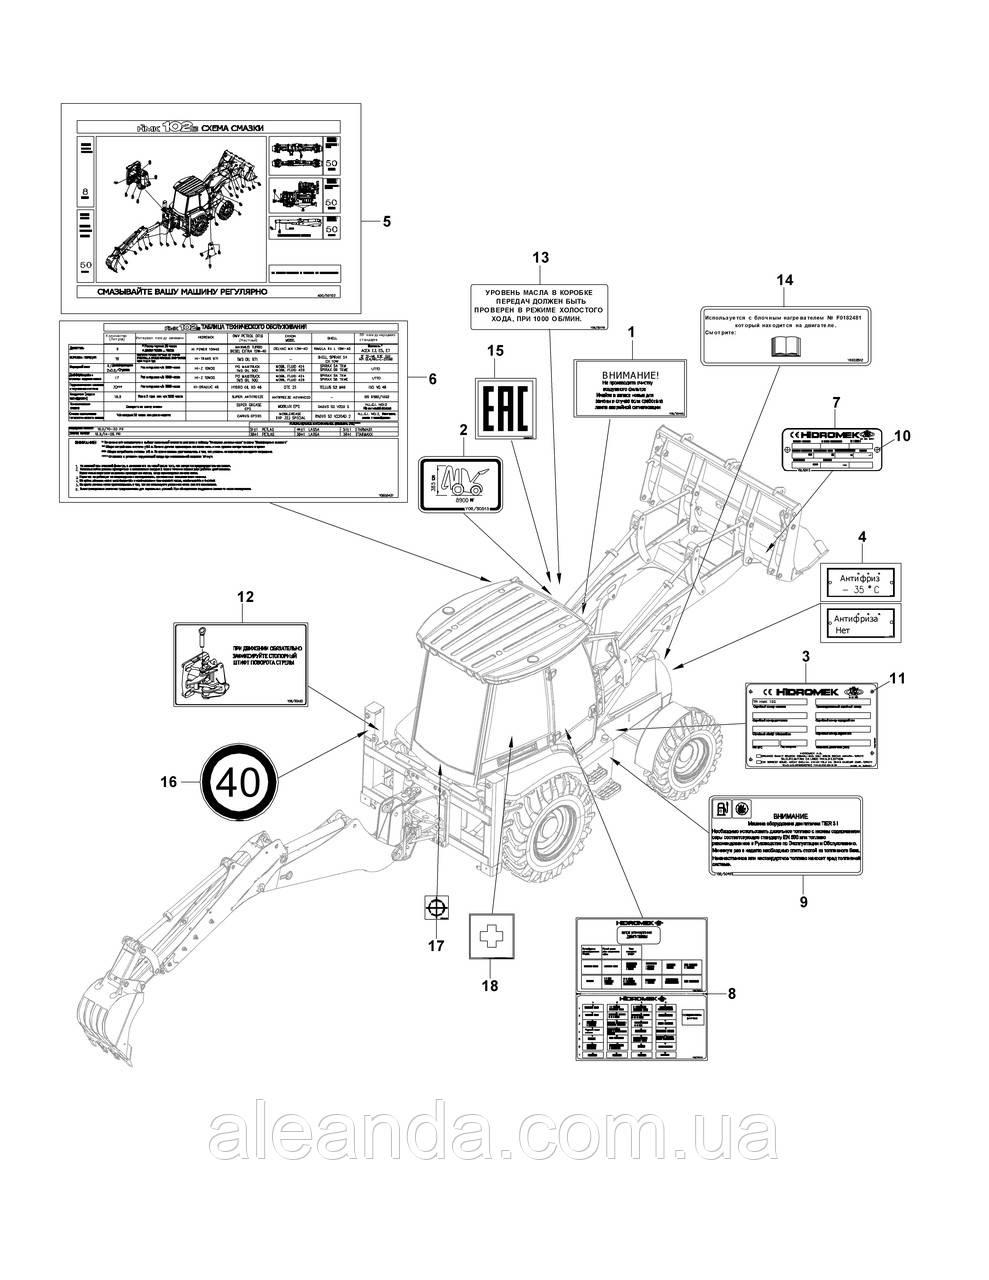 N030020111 шайба кріплення трубки системи впуску повітря Hidomek